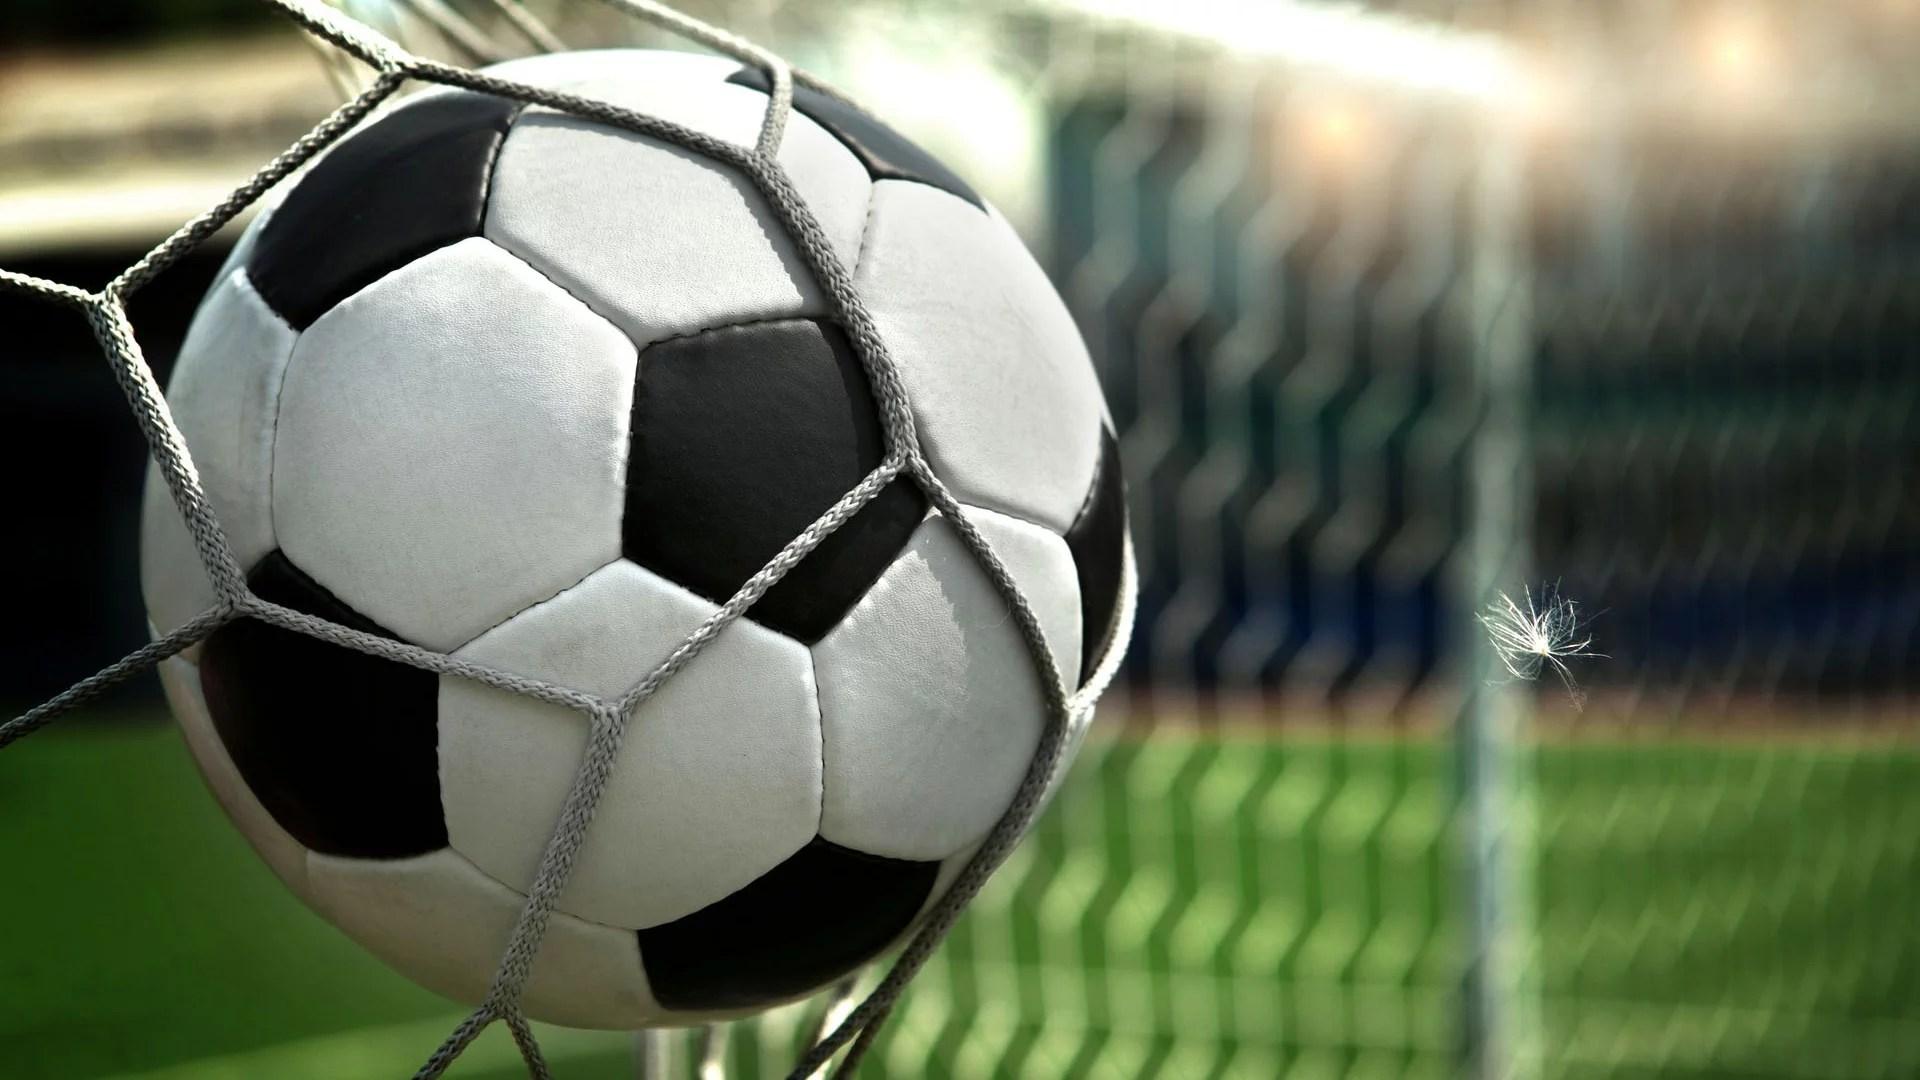 Equipo italiano de fútbol vende el 25% de sus acciones en criptomoneda